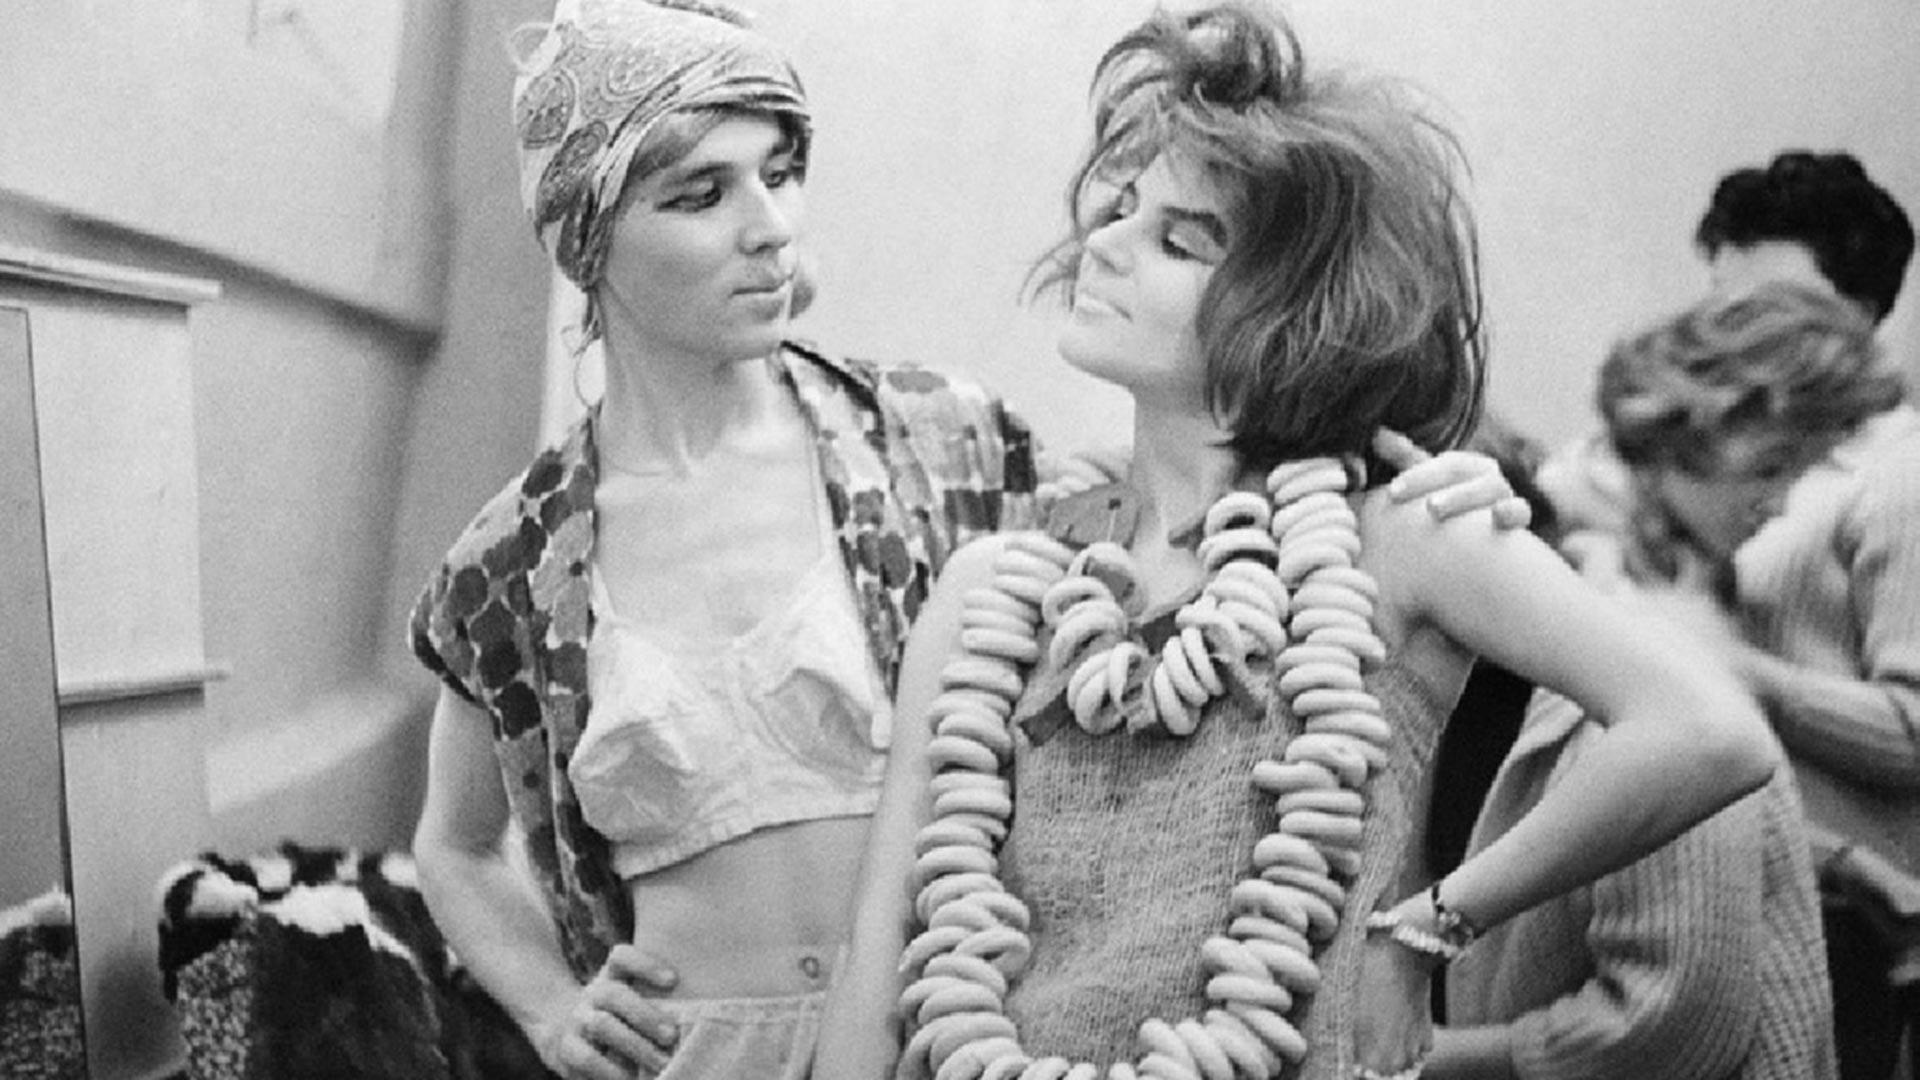 Entre bastidores, desfile de moda realizado por el diseñador Viacheslav Zaitsev, 1966